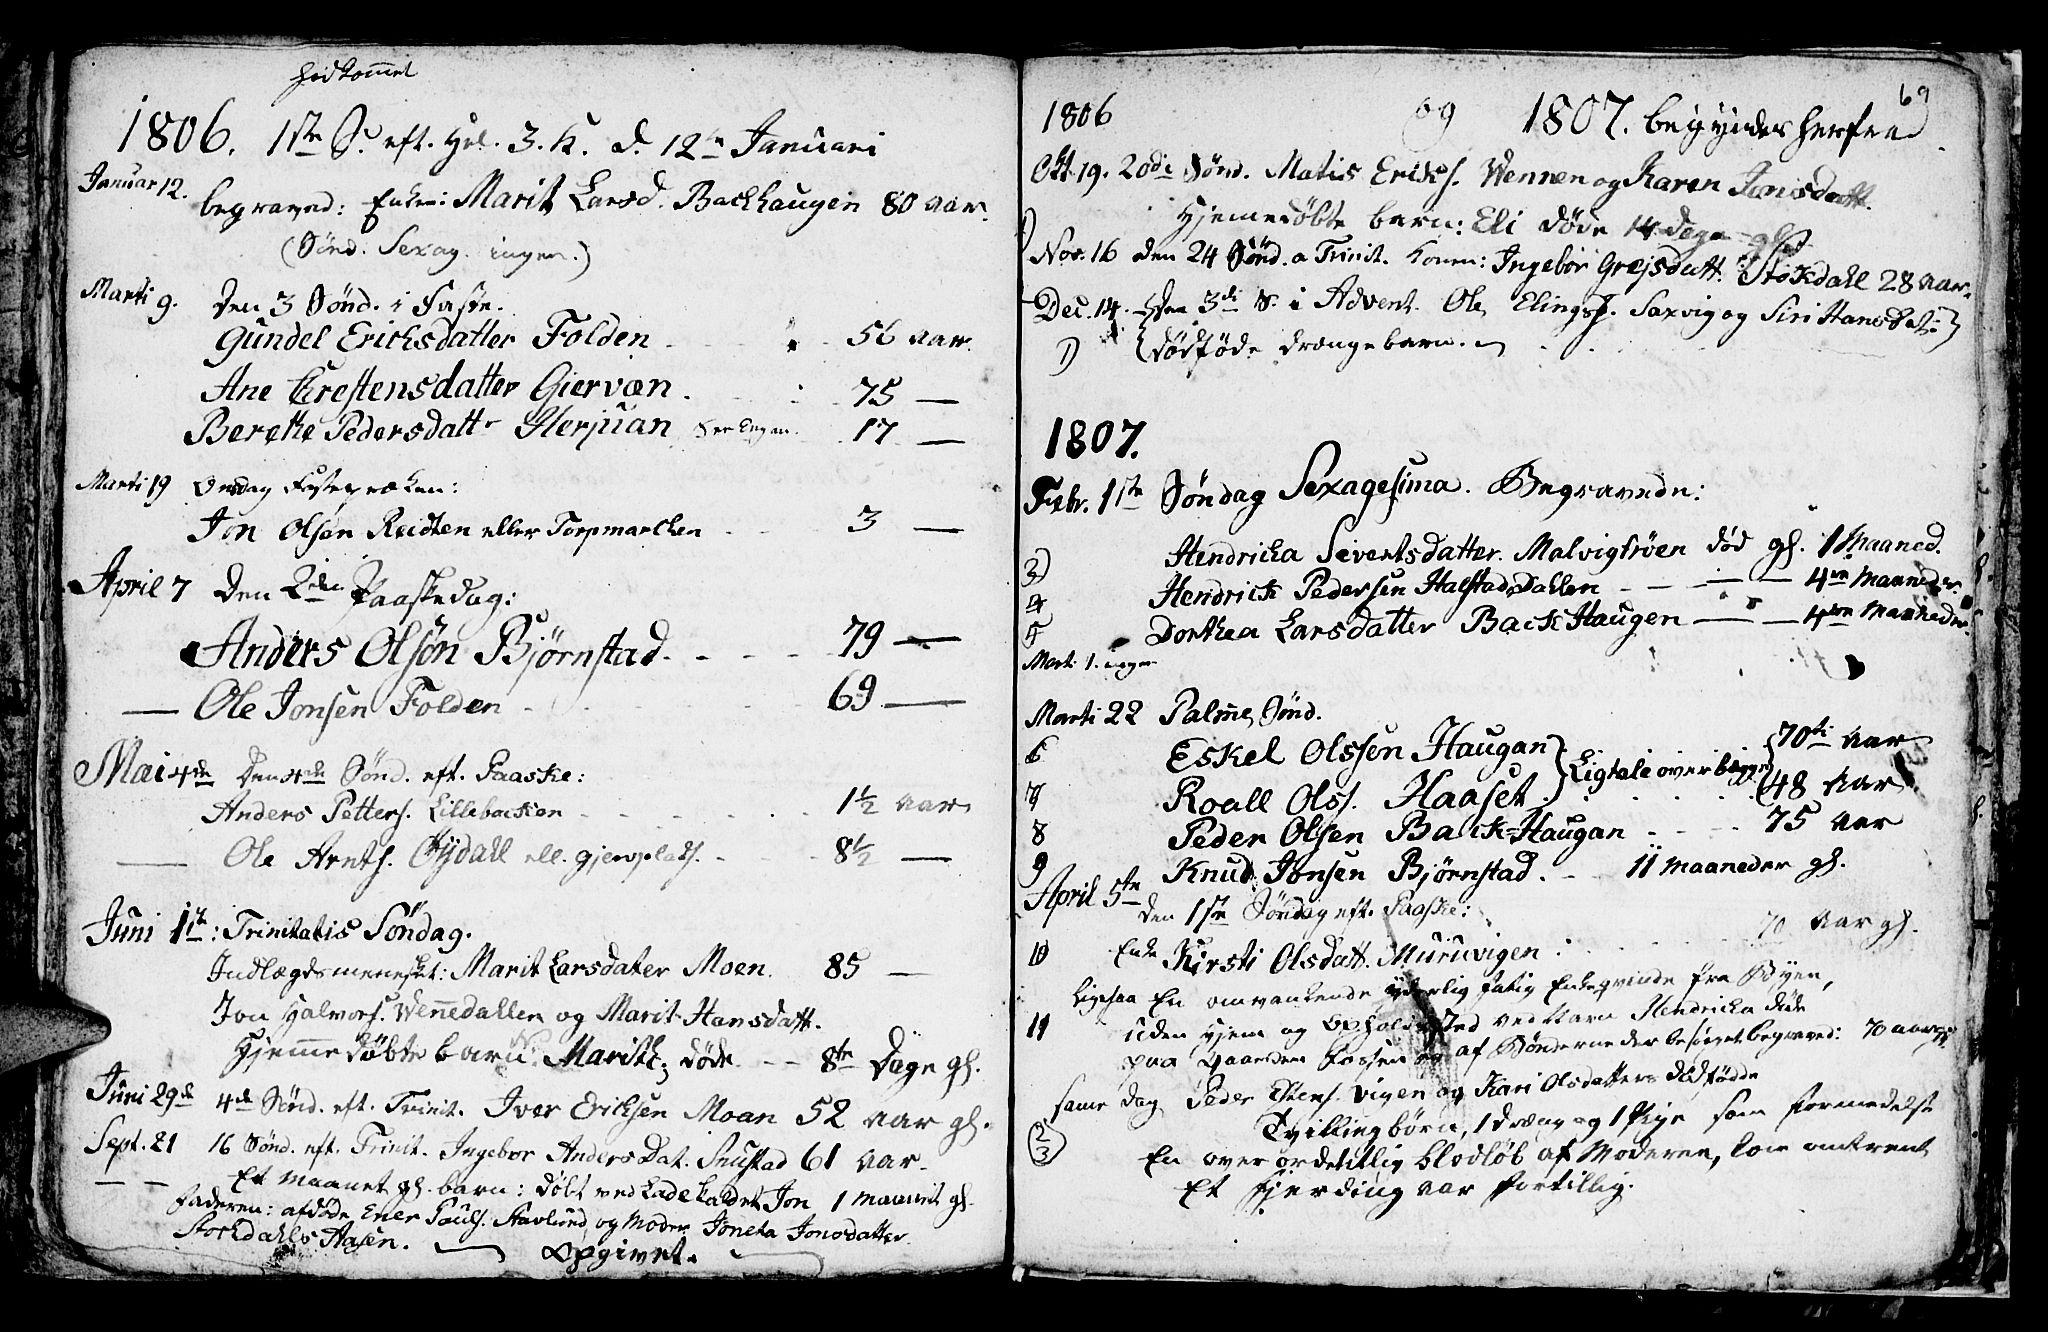 SAT, Ministerialprotokoller, klokkerbøker og fødselsregistre - Sør-Trøndelag, 616/L0419: Klokkerbok nr. 616C02, 1797-1816, s. 69